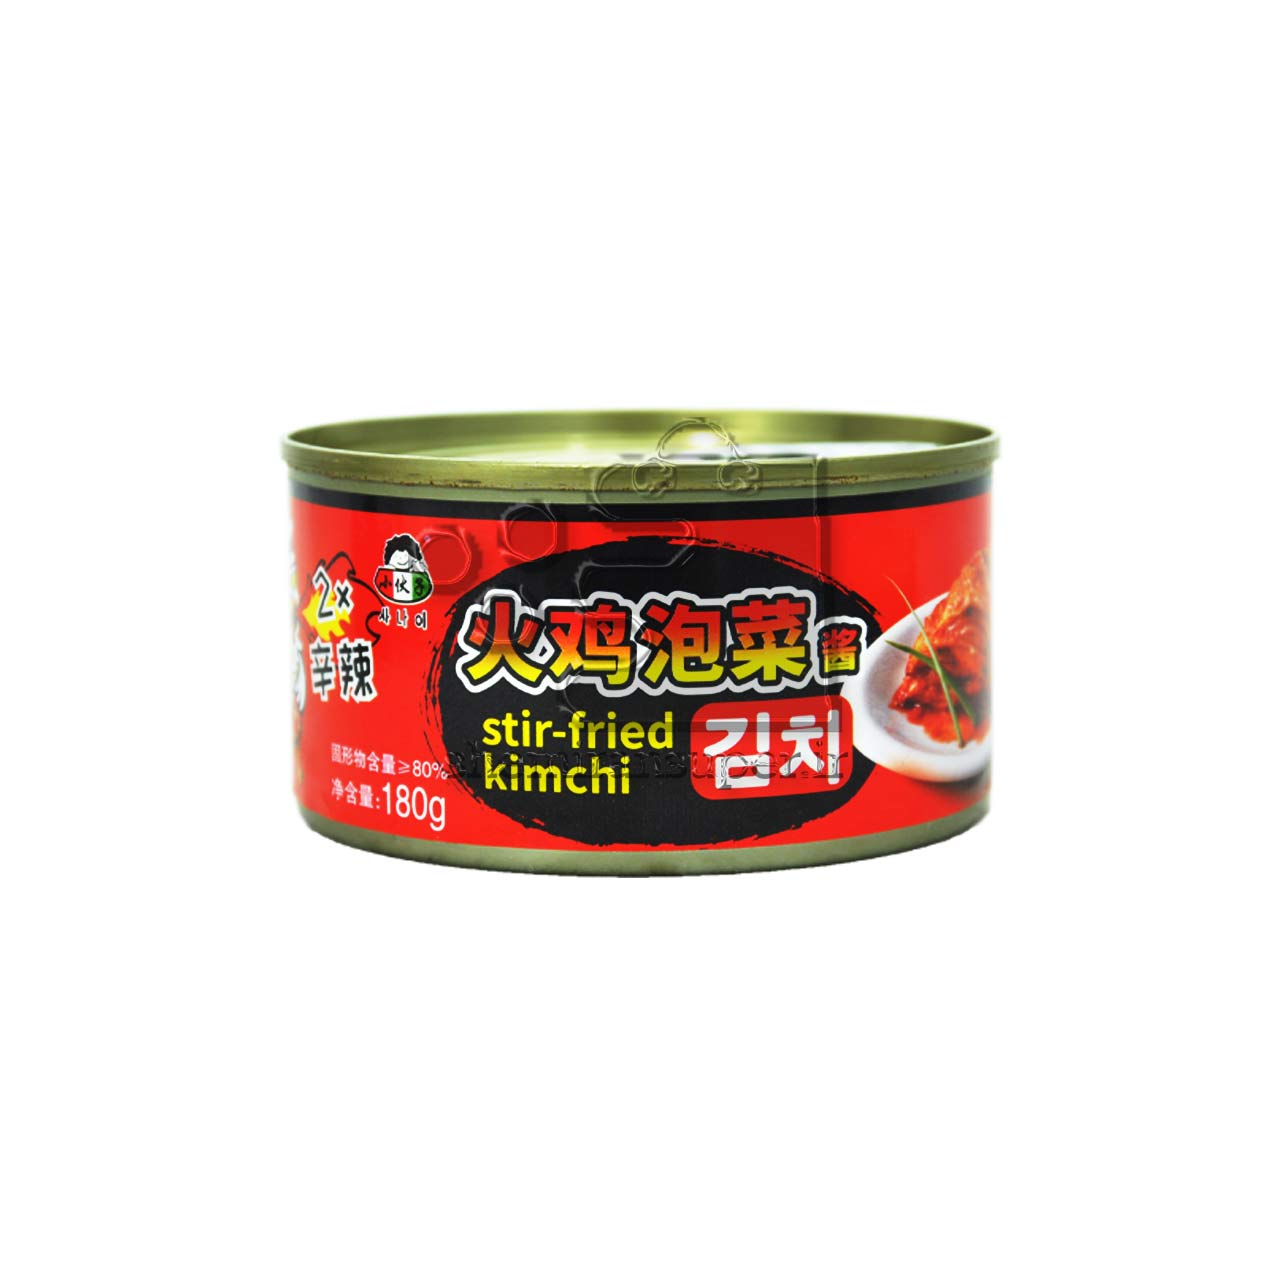 خرید کیمچی کره